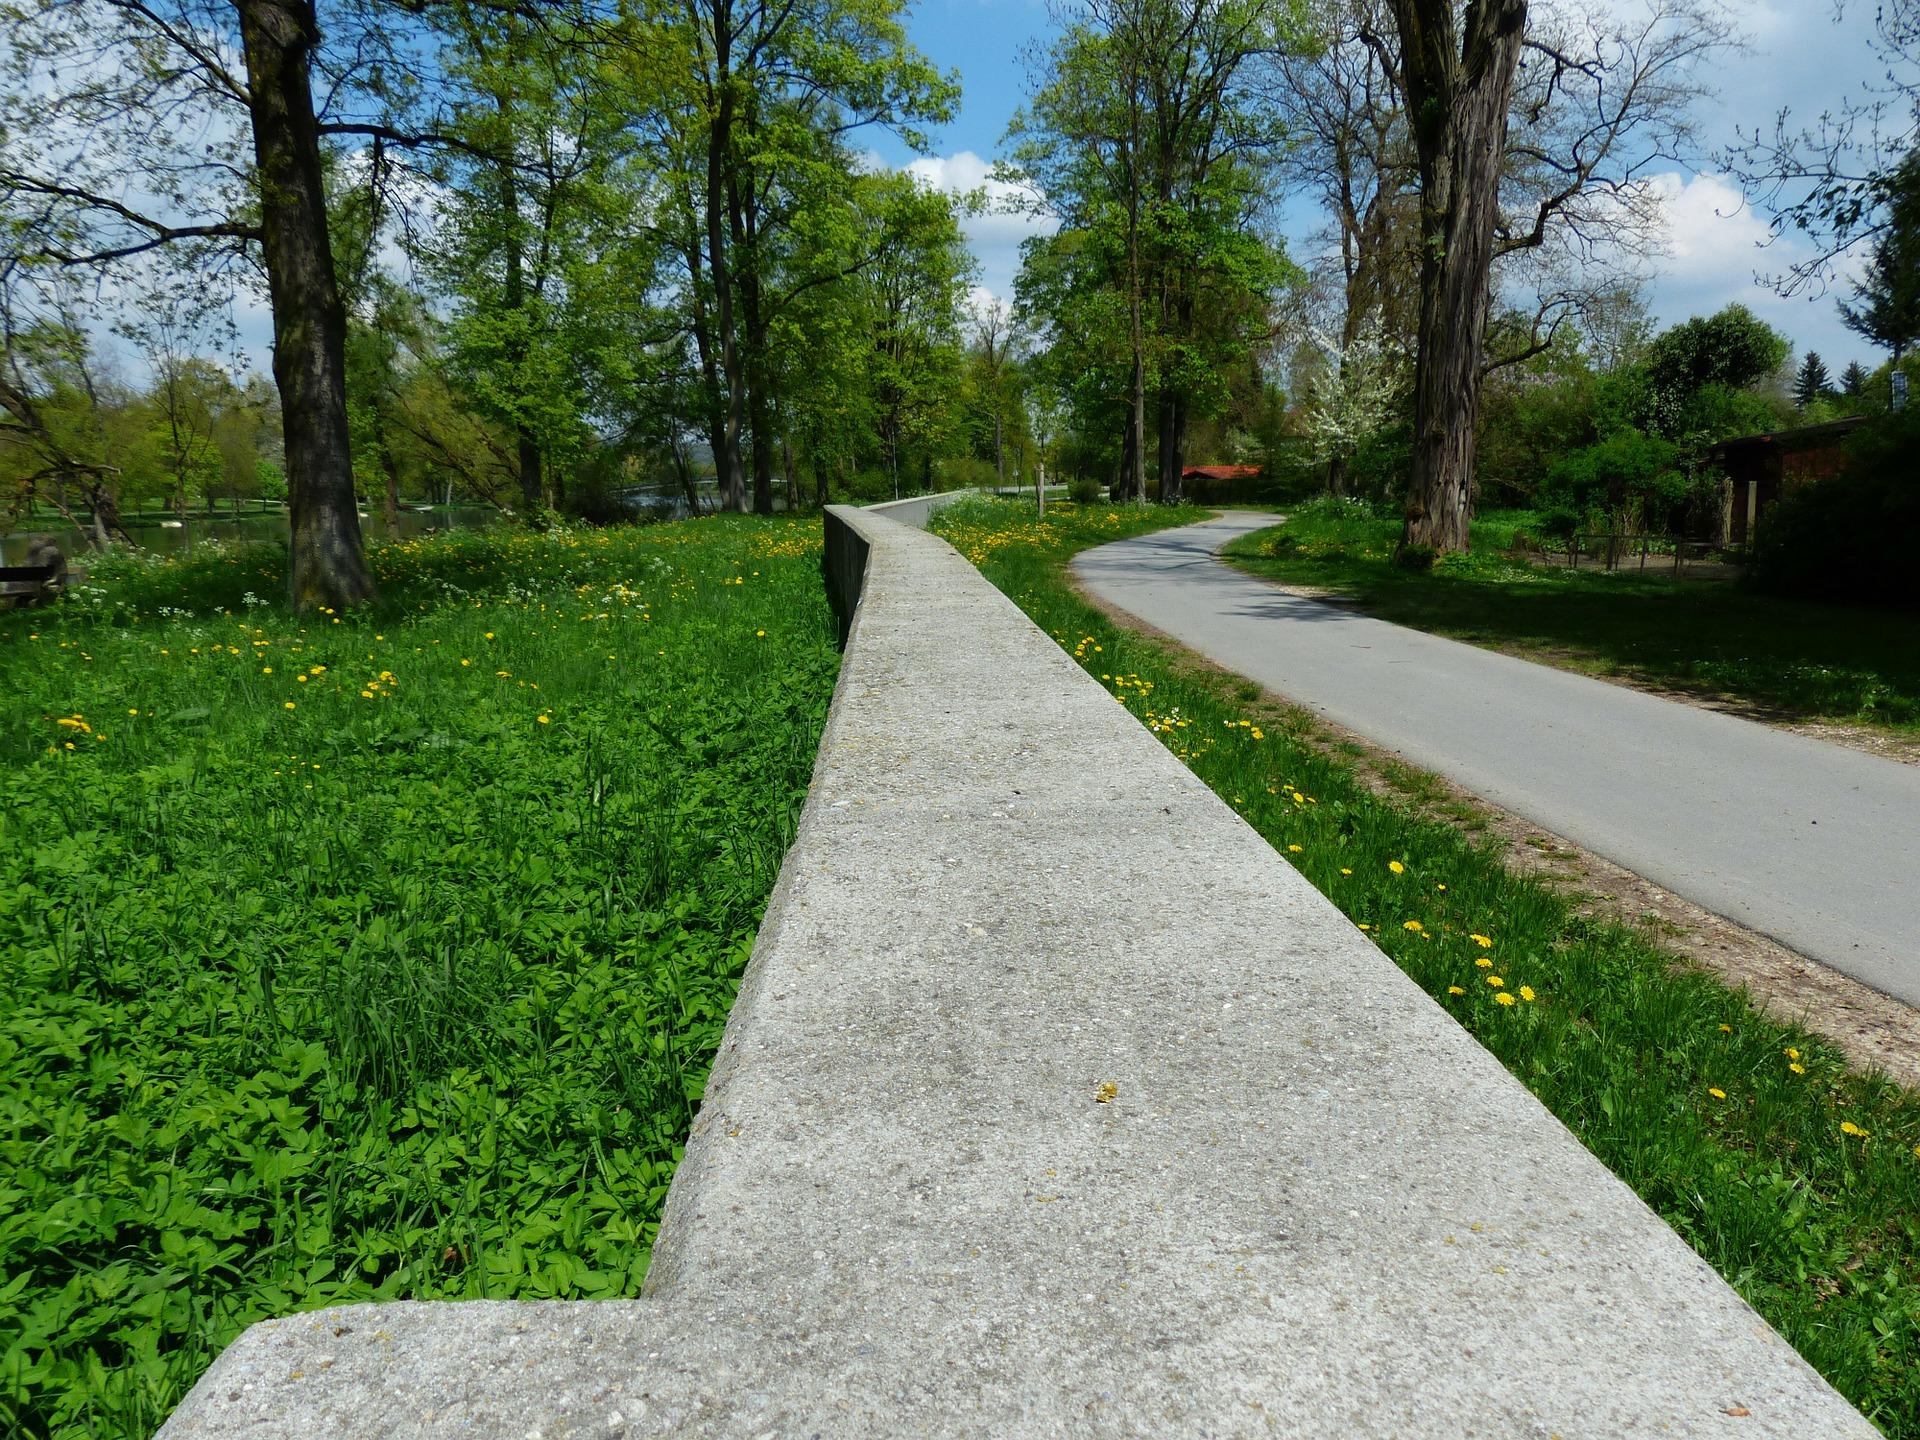 Hochwasserschutzweg an einem Grünstreifen